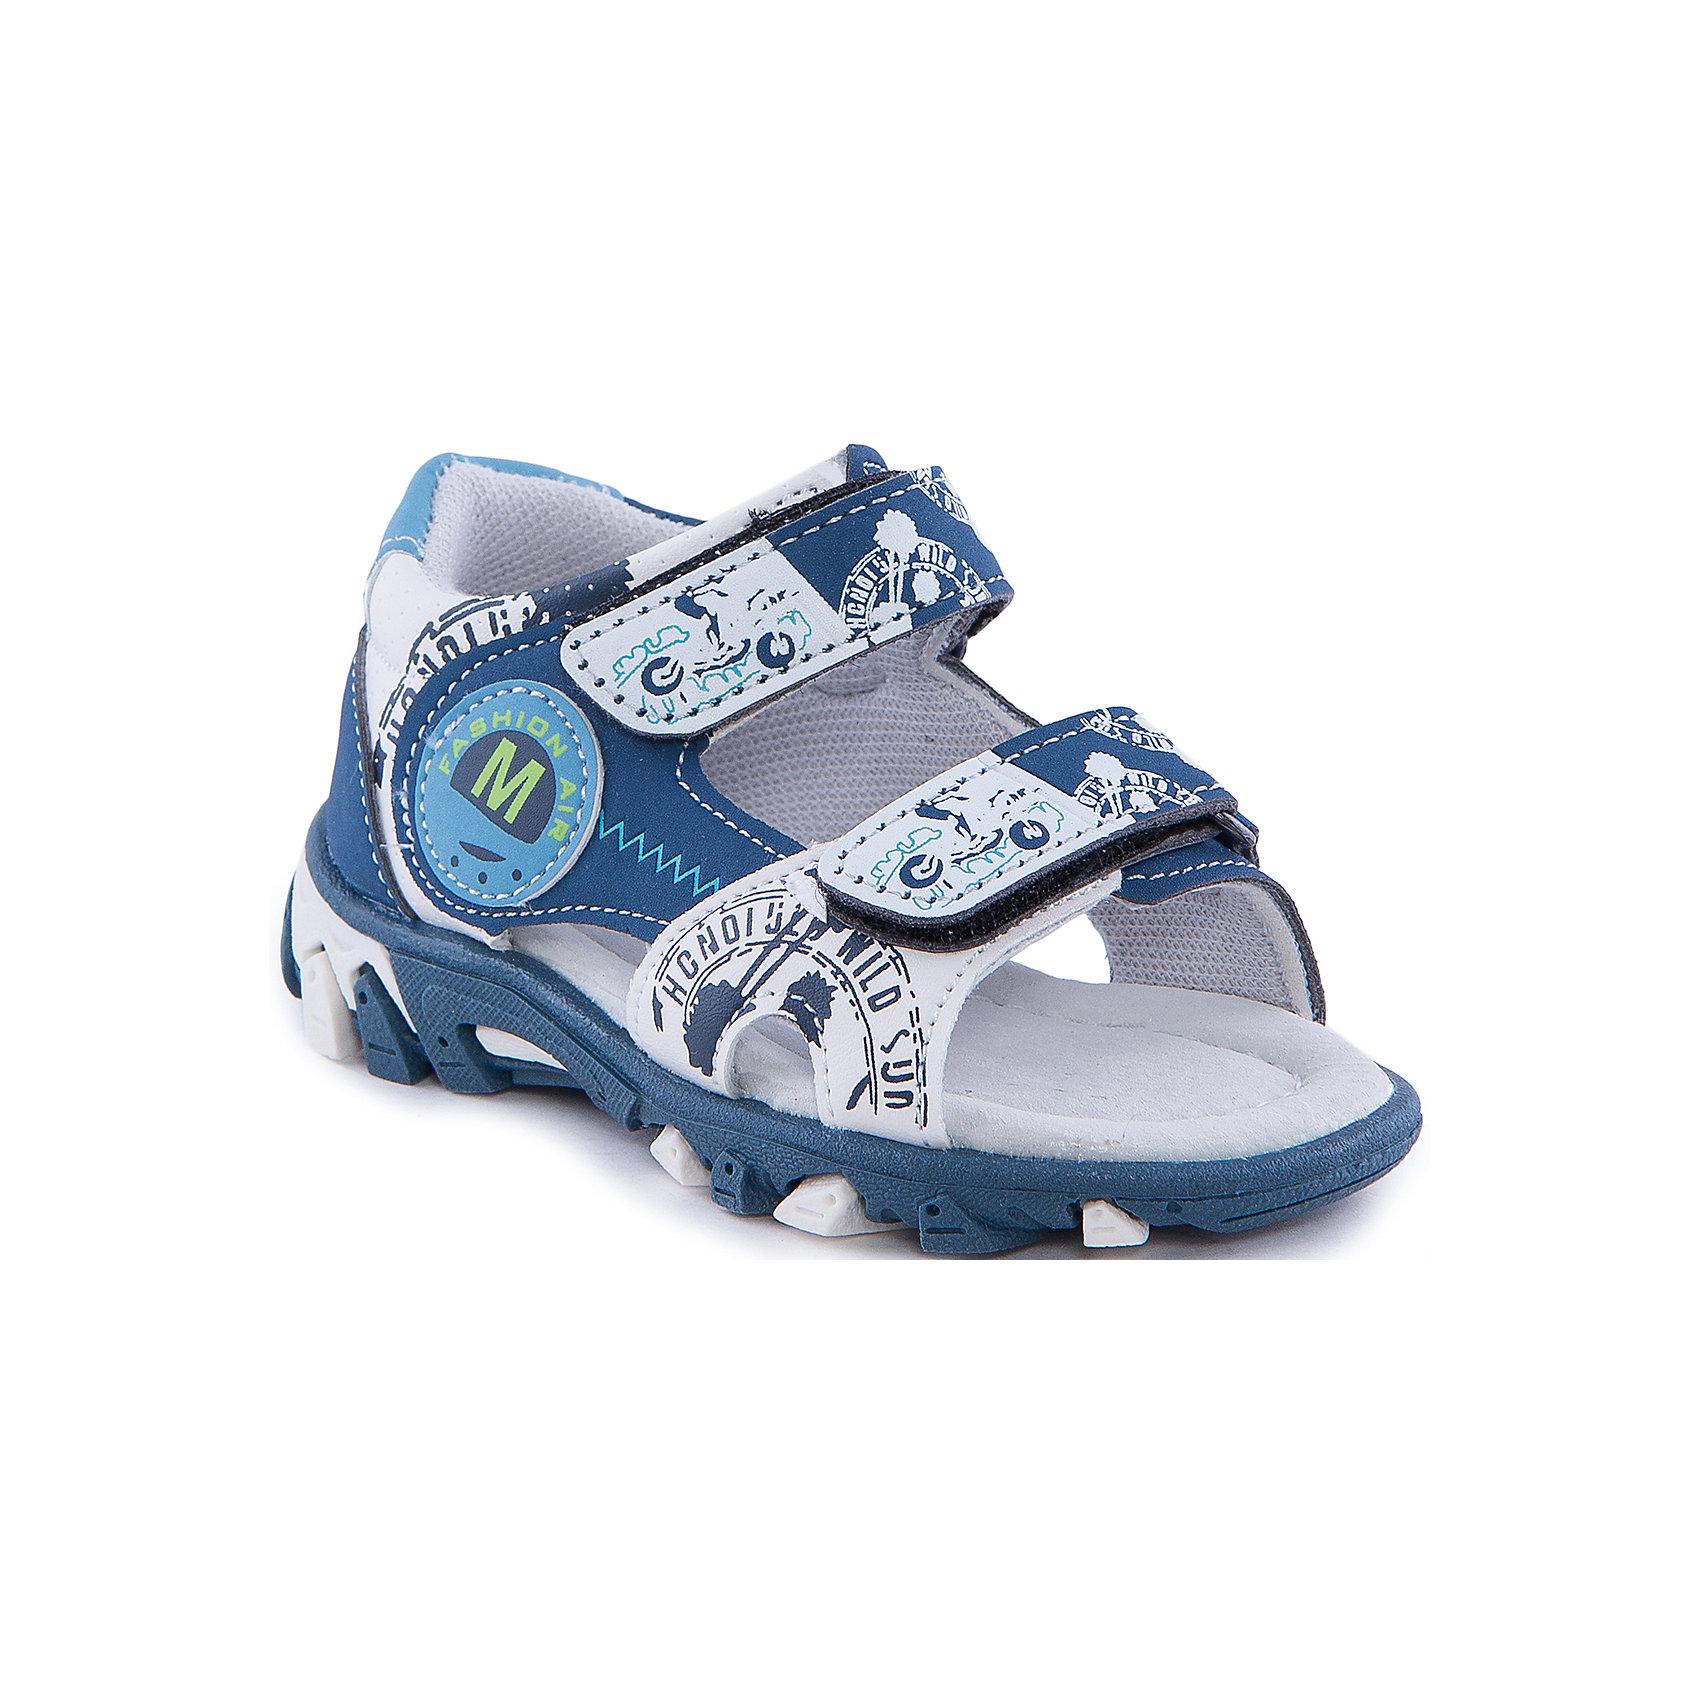 Сандалии для мальчика MURSUПляжная обувь<br>Сандалии для мальчика от известного бренда MURSU.<br>Состав: <br>Материал верха: искусственная кожа; Материал подкладки: хлопок; Материал подошвы: ТЭП; Материал стельки: натуральная кожа.<br><br>Ширина мм: 219<br>Глубина мм: 154<br>Высота мм: 121<br>Вес г: 343<br>Цвет: синий<br>Возраст от месяцев: 15<br>Возраст до месяцев: 18<br>Пол: Мужской<br>Возраст: Детский<br>Размер: 22,27,26,25,24,23<br>SKU: 4512932